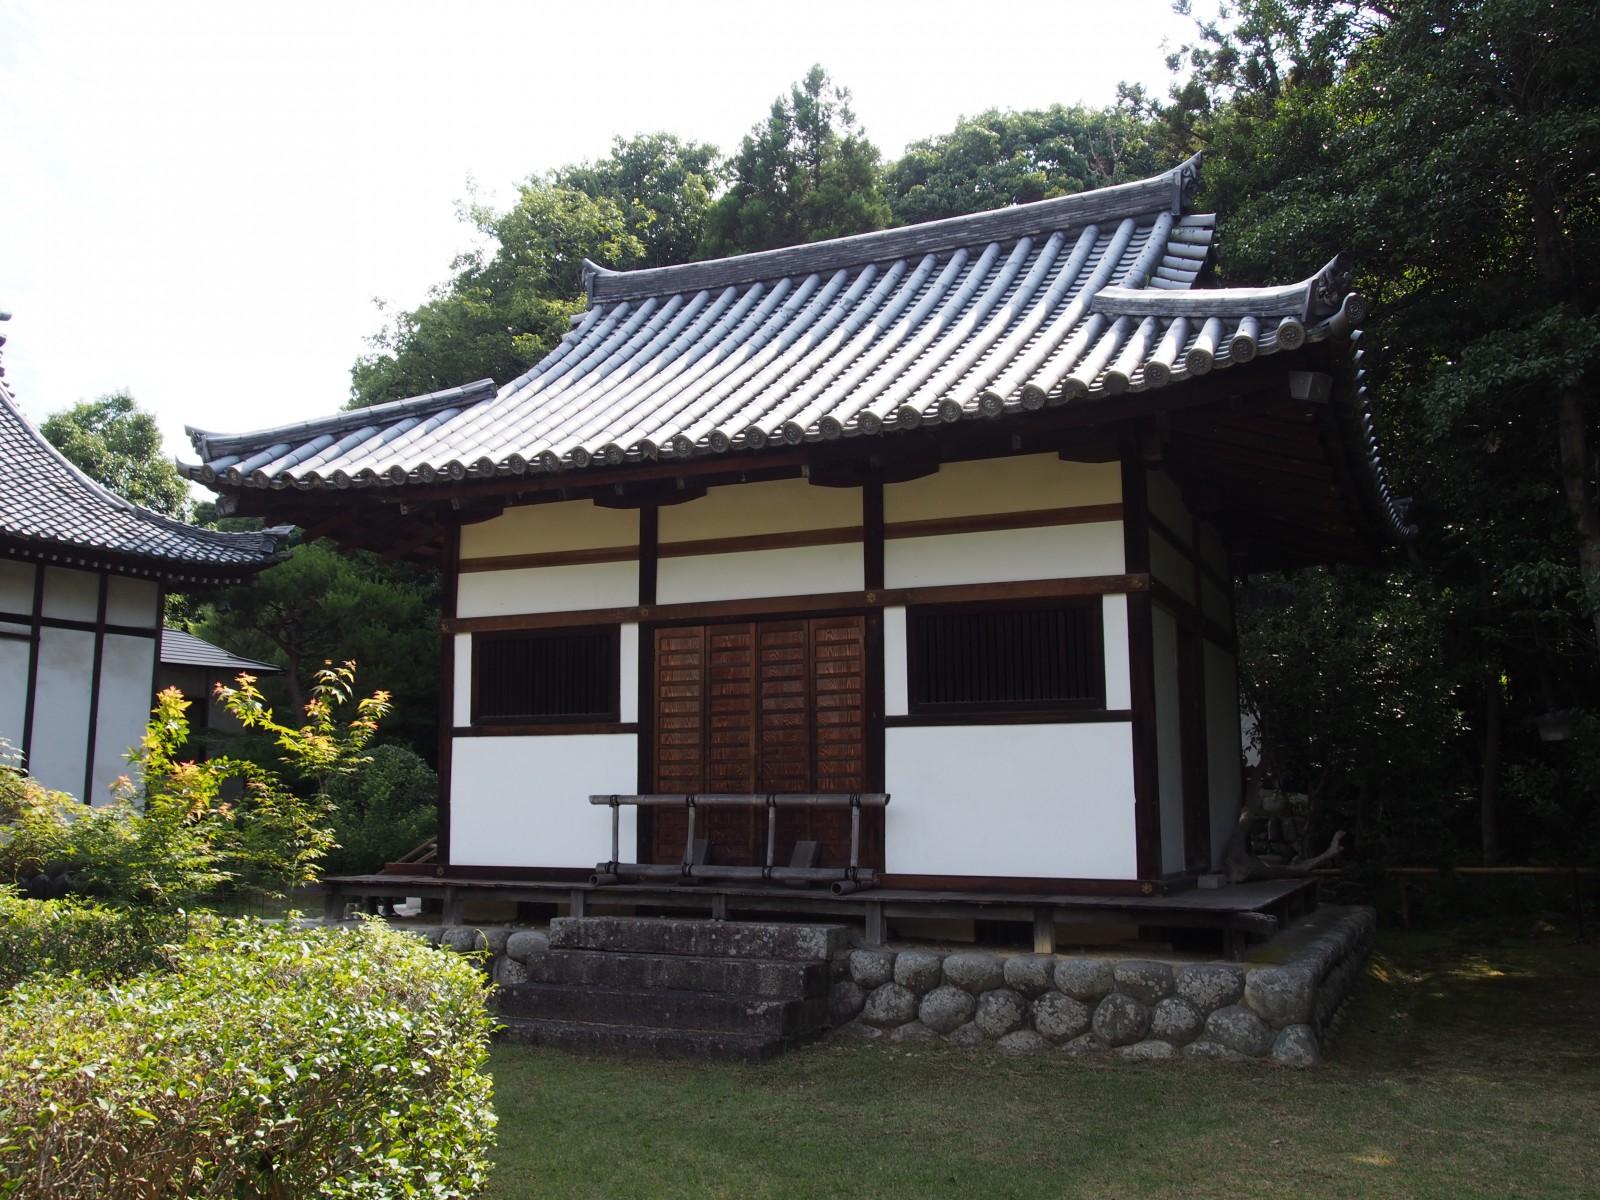 秋篠寺「開山堂」